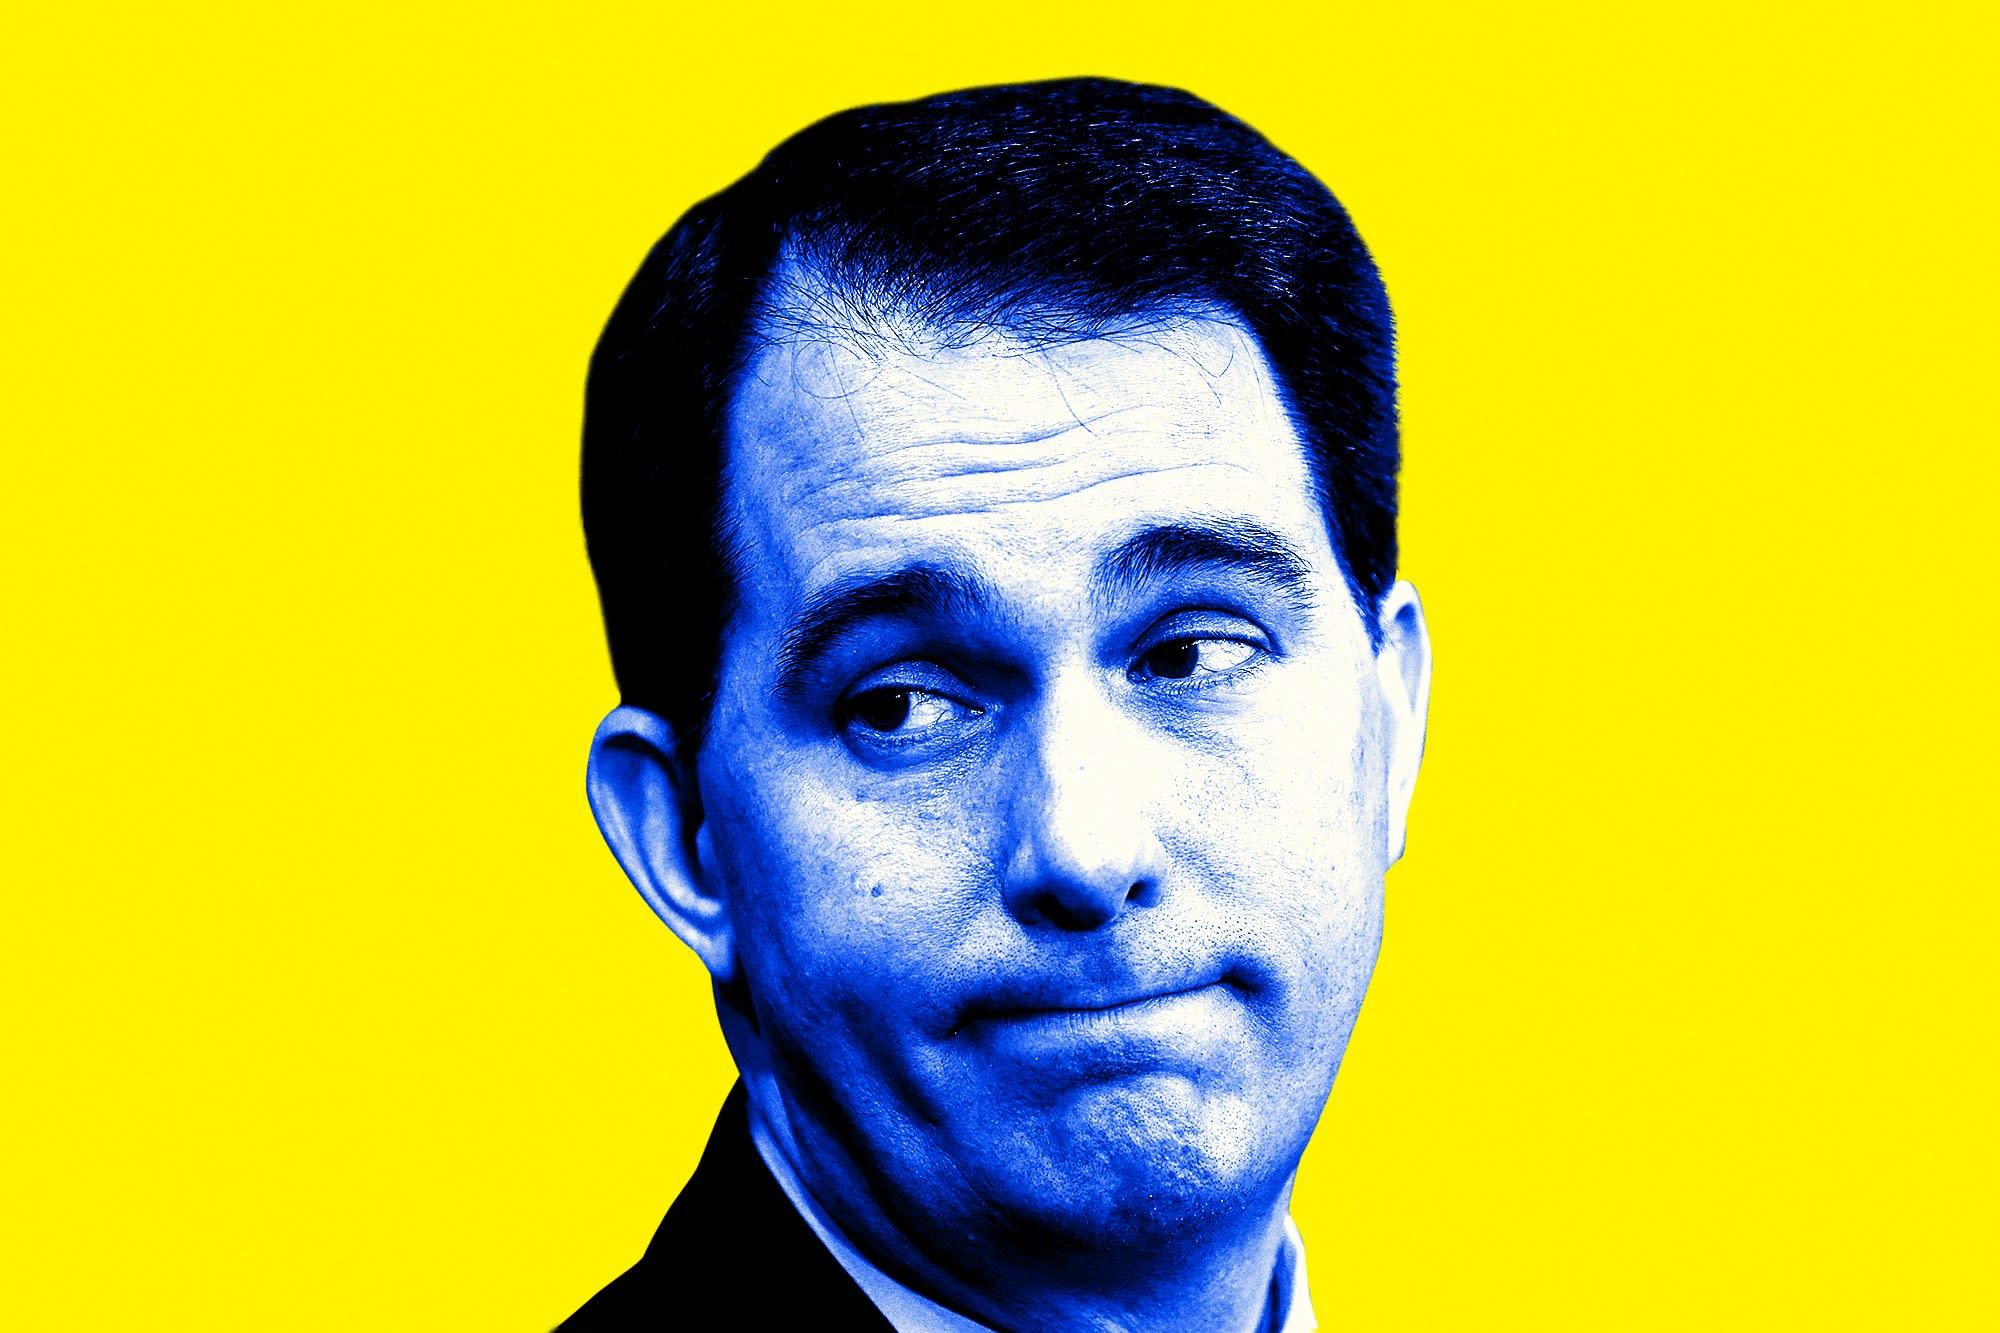 Republican Gerrymandering Has Basically Destroyed Representative Democracy in Wisconsin